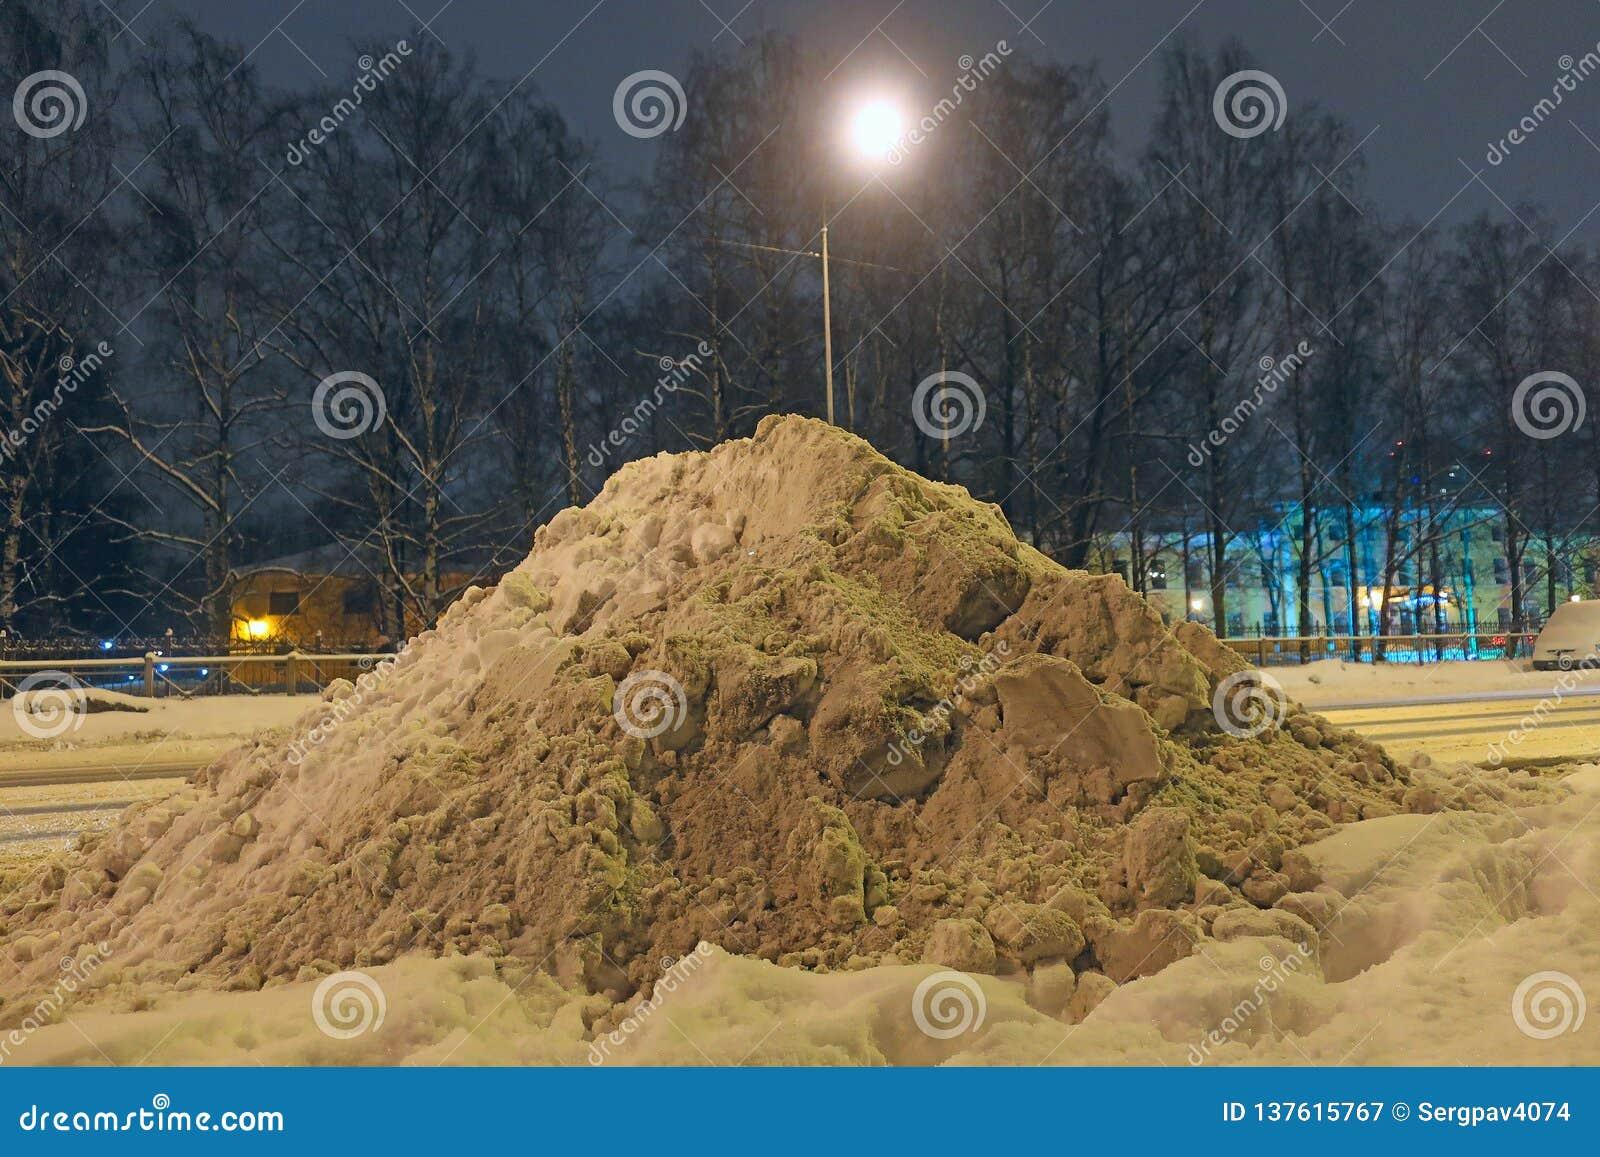 Nieve acumulada por la ventisca en el lado del camino